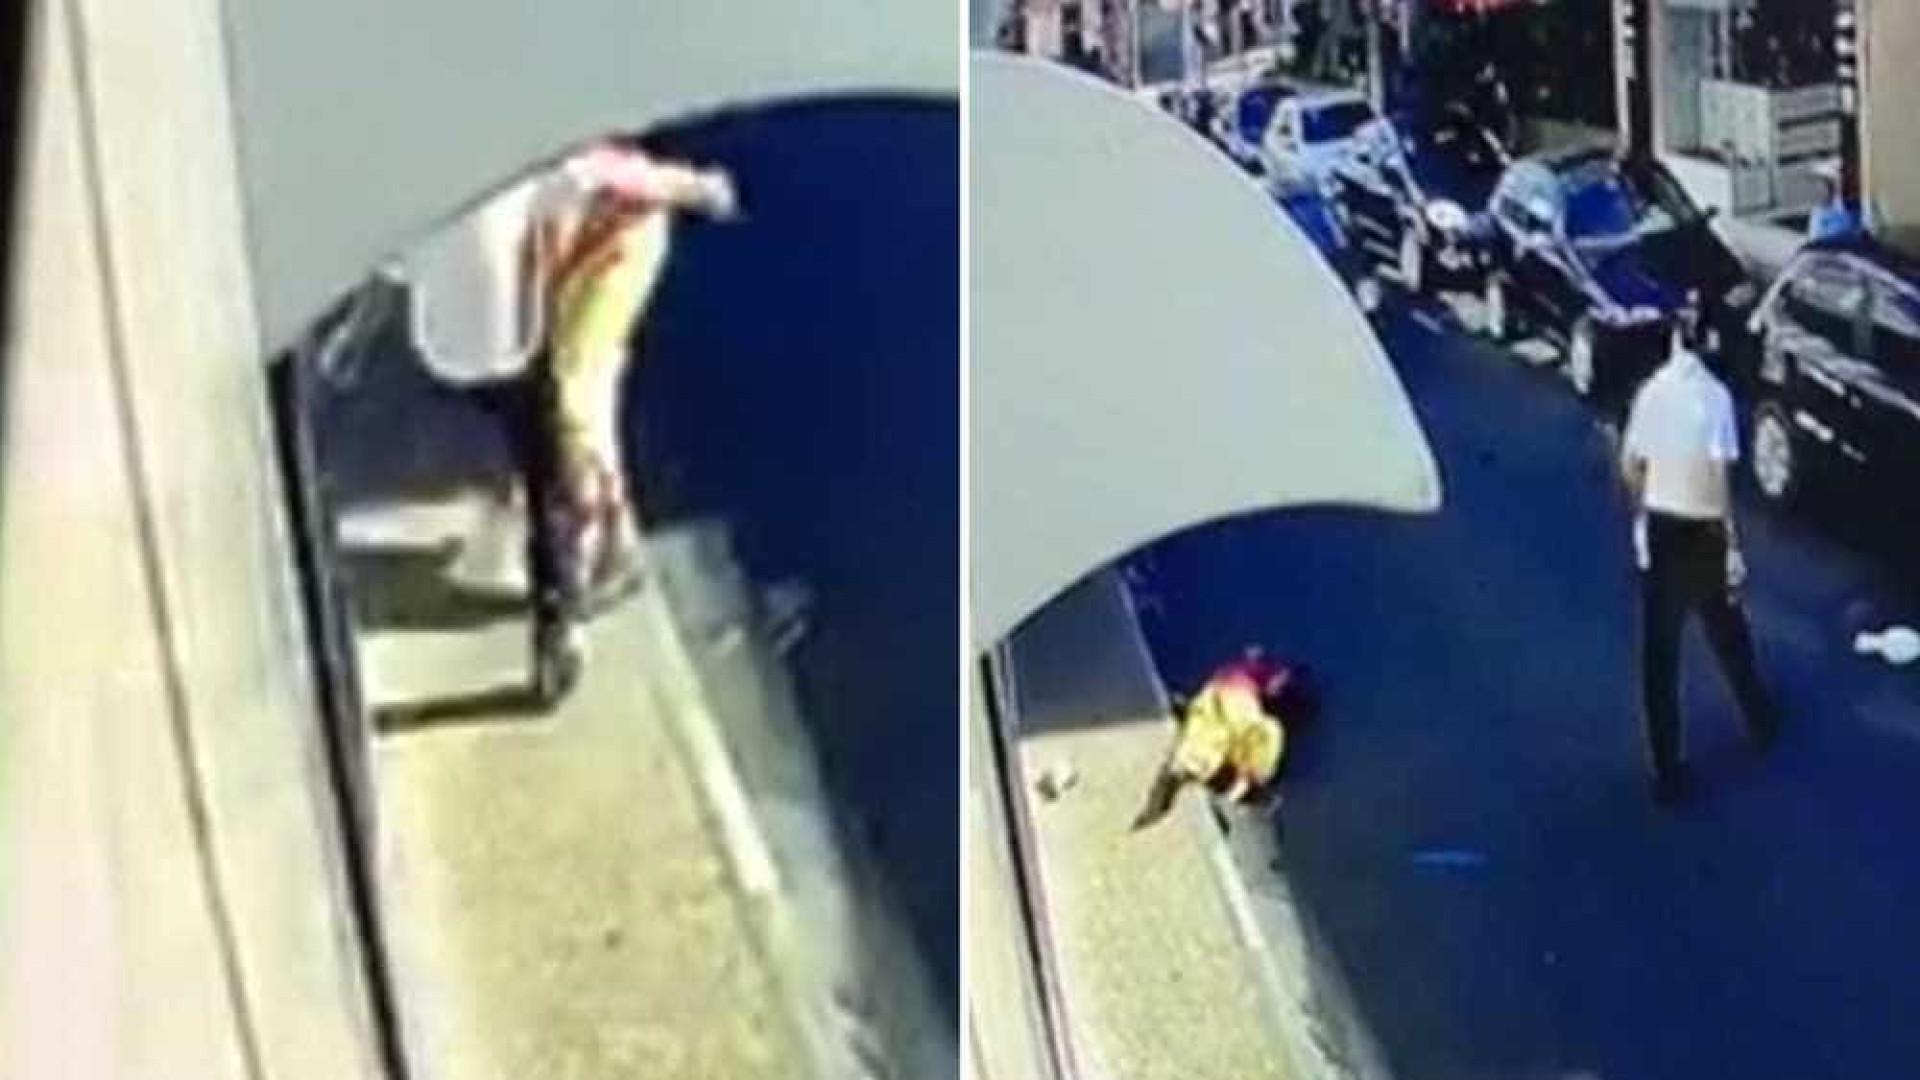 Palhaço de rua agredido por motorista morre em Mogi Guaçu